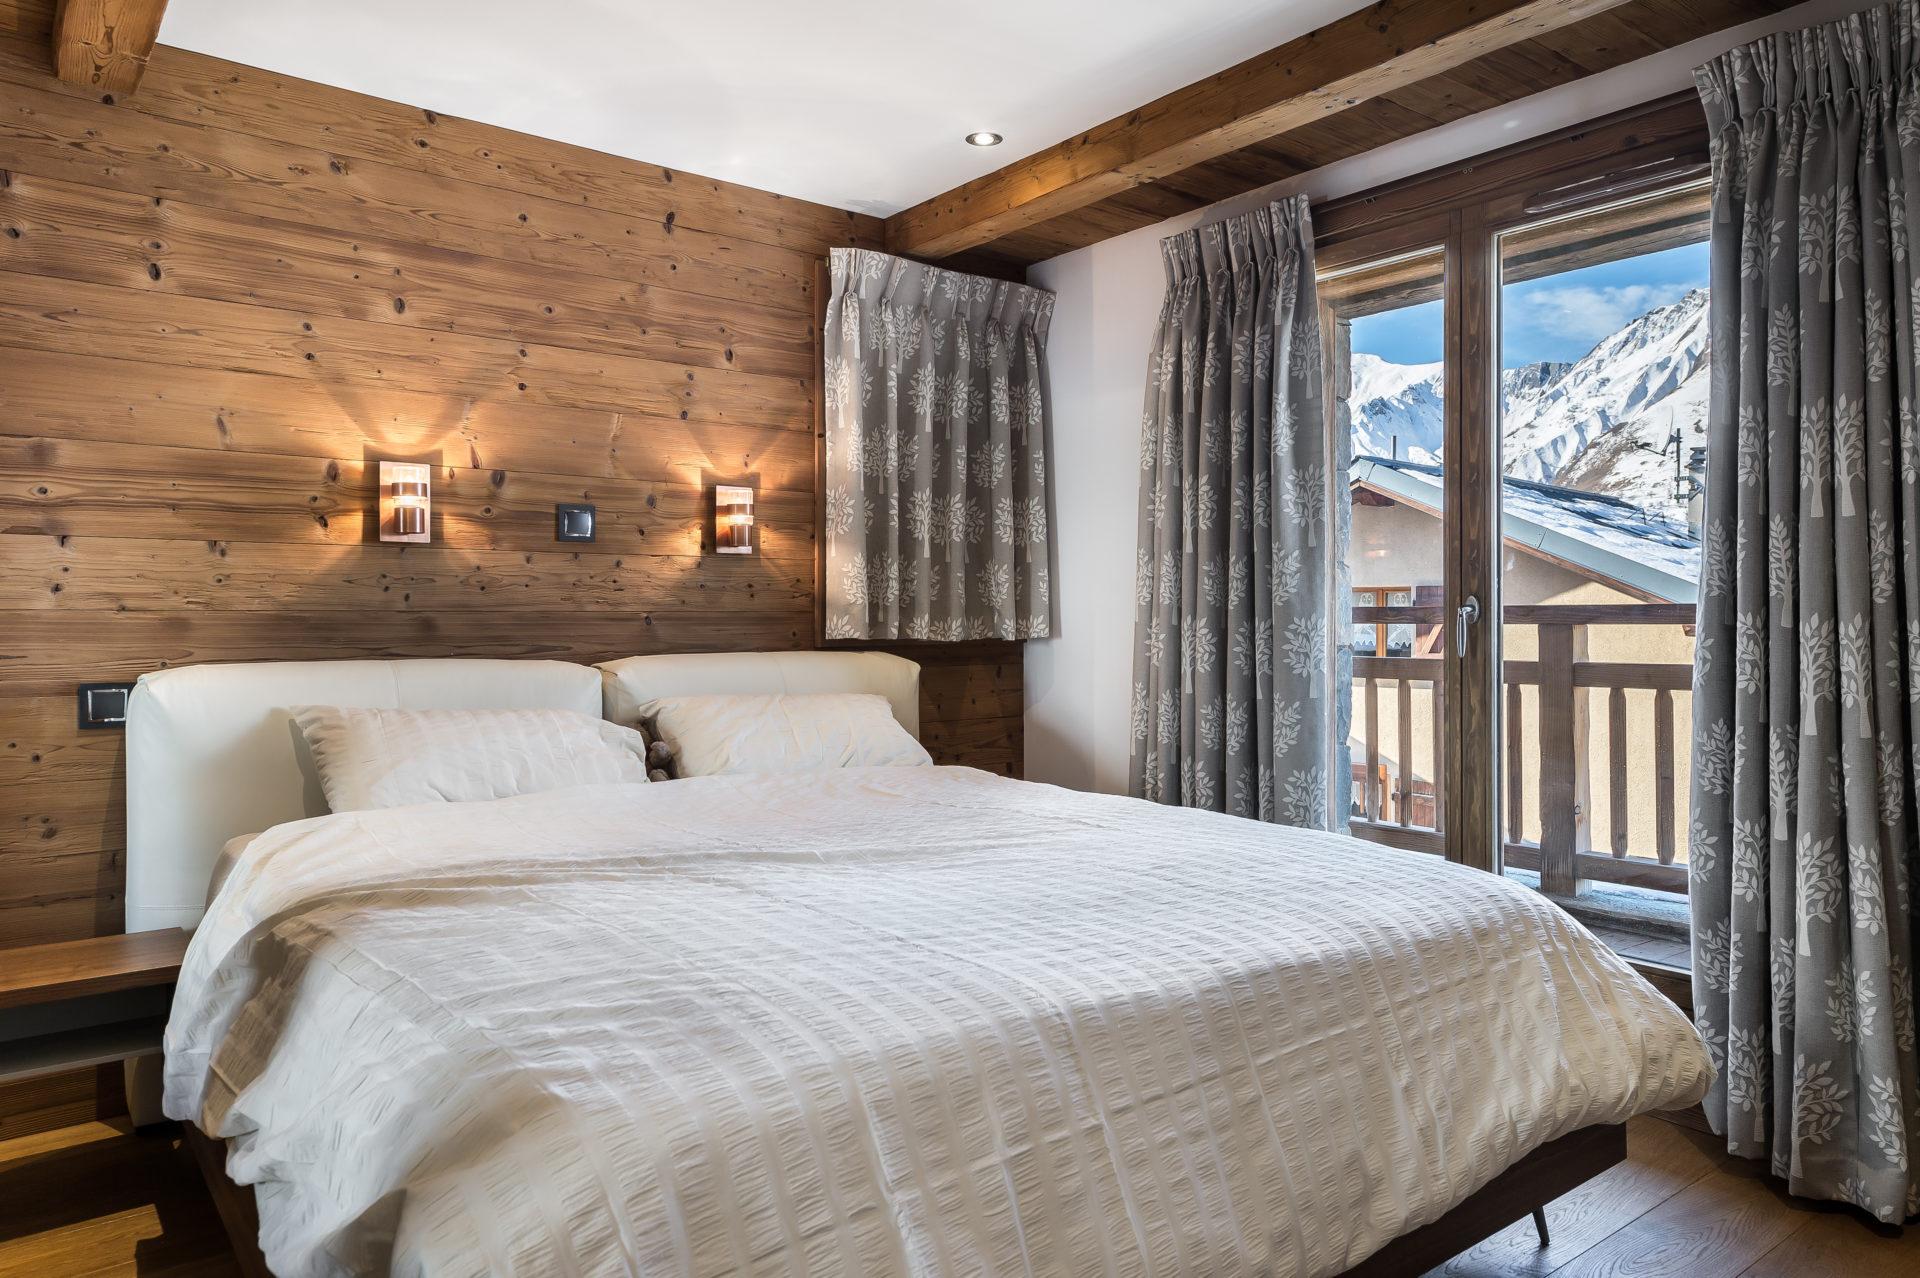 Chalet Roc de Fer chambre 3 Saint Martin de Belleville, Savoie